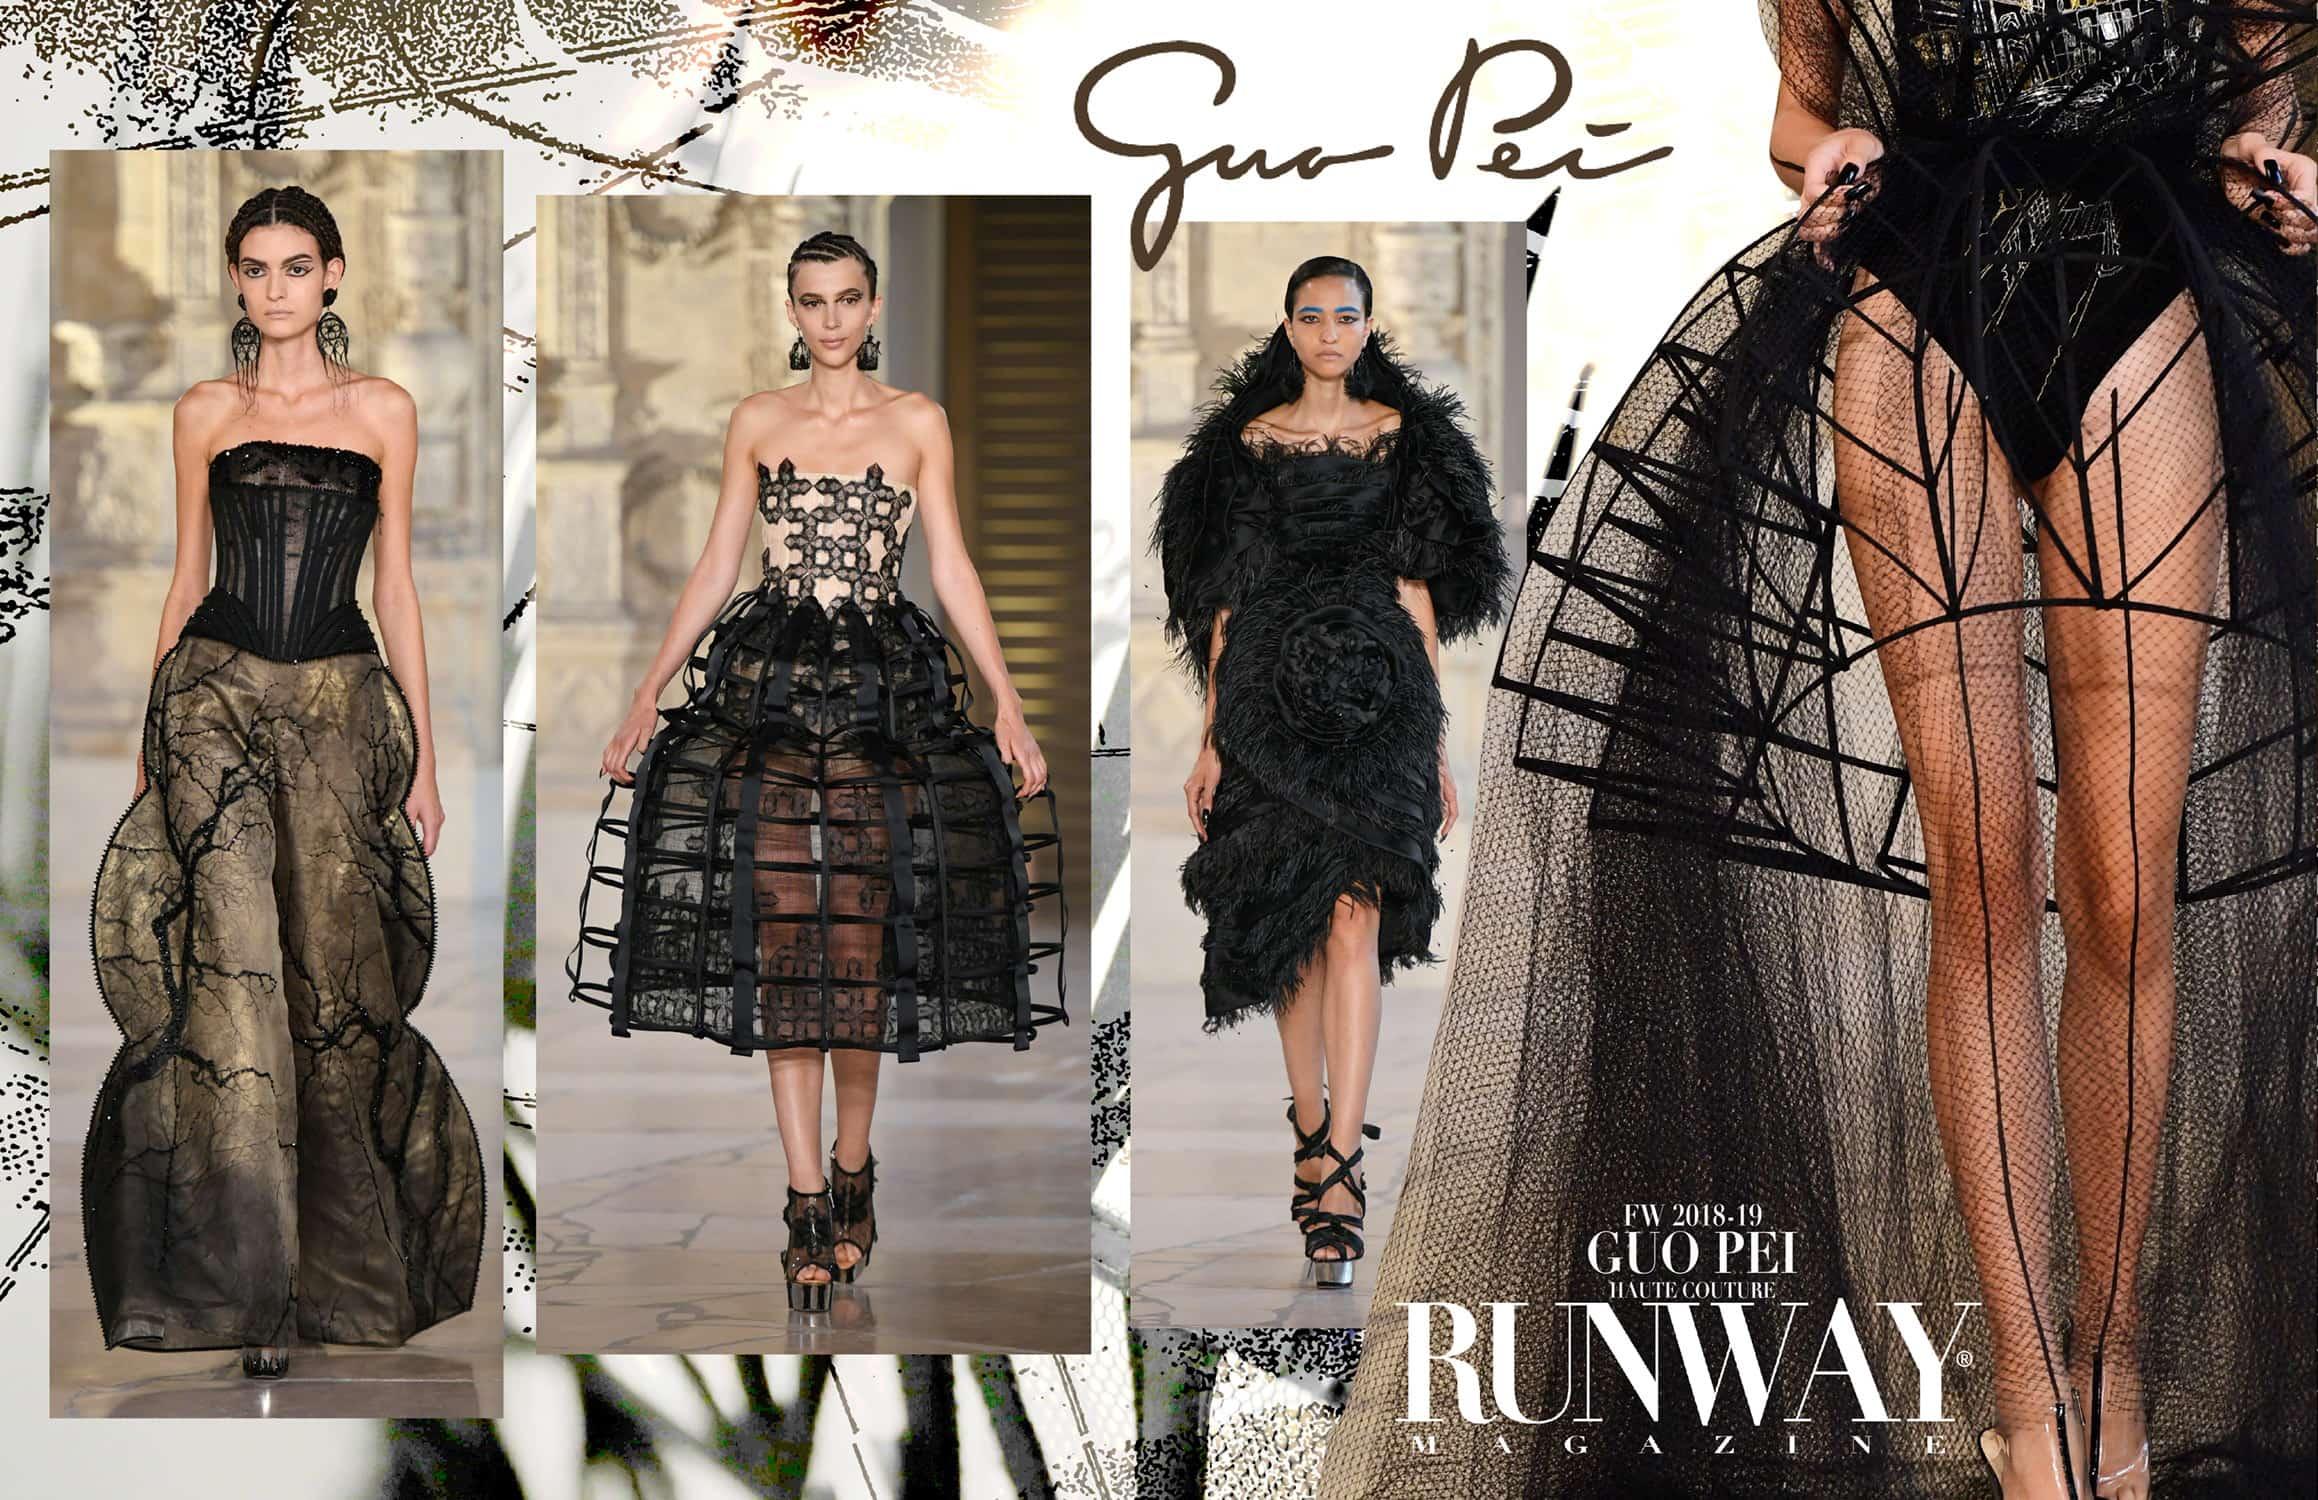 Guo Pei Haute Couture Fall-Winter 2018-19 by RUNWAY MAGAZINE